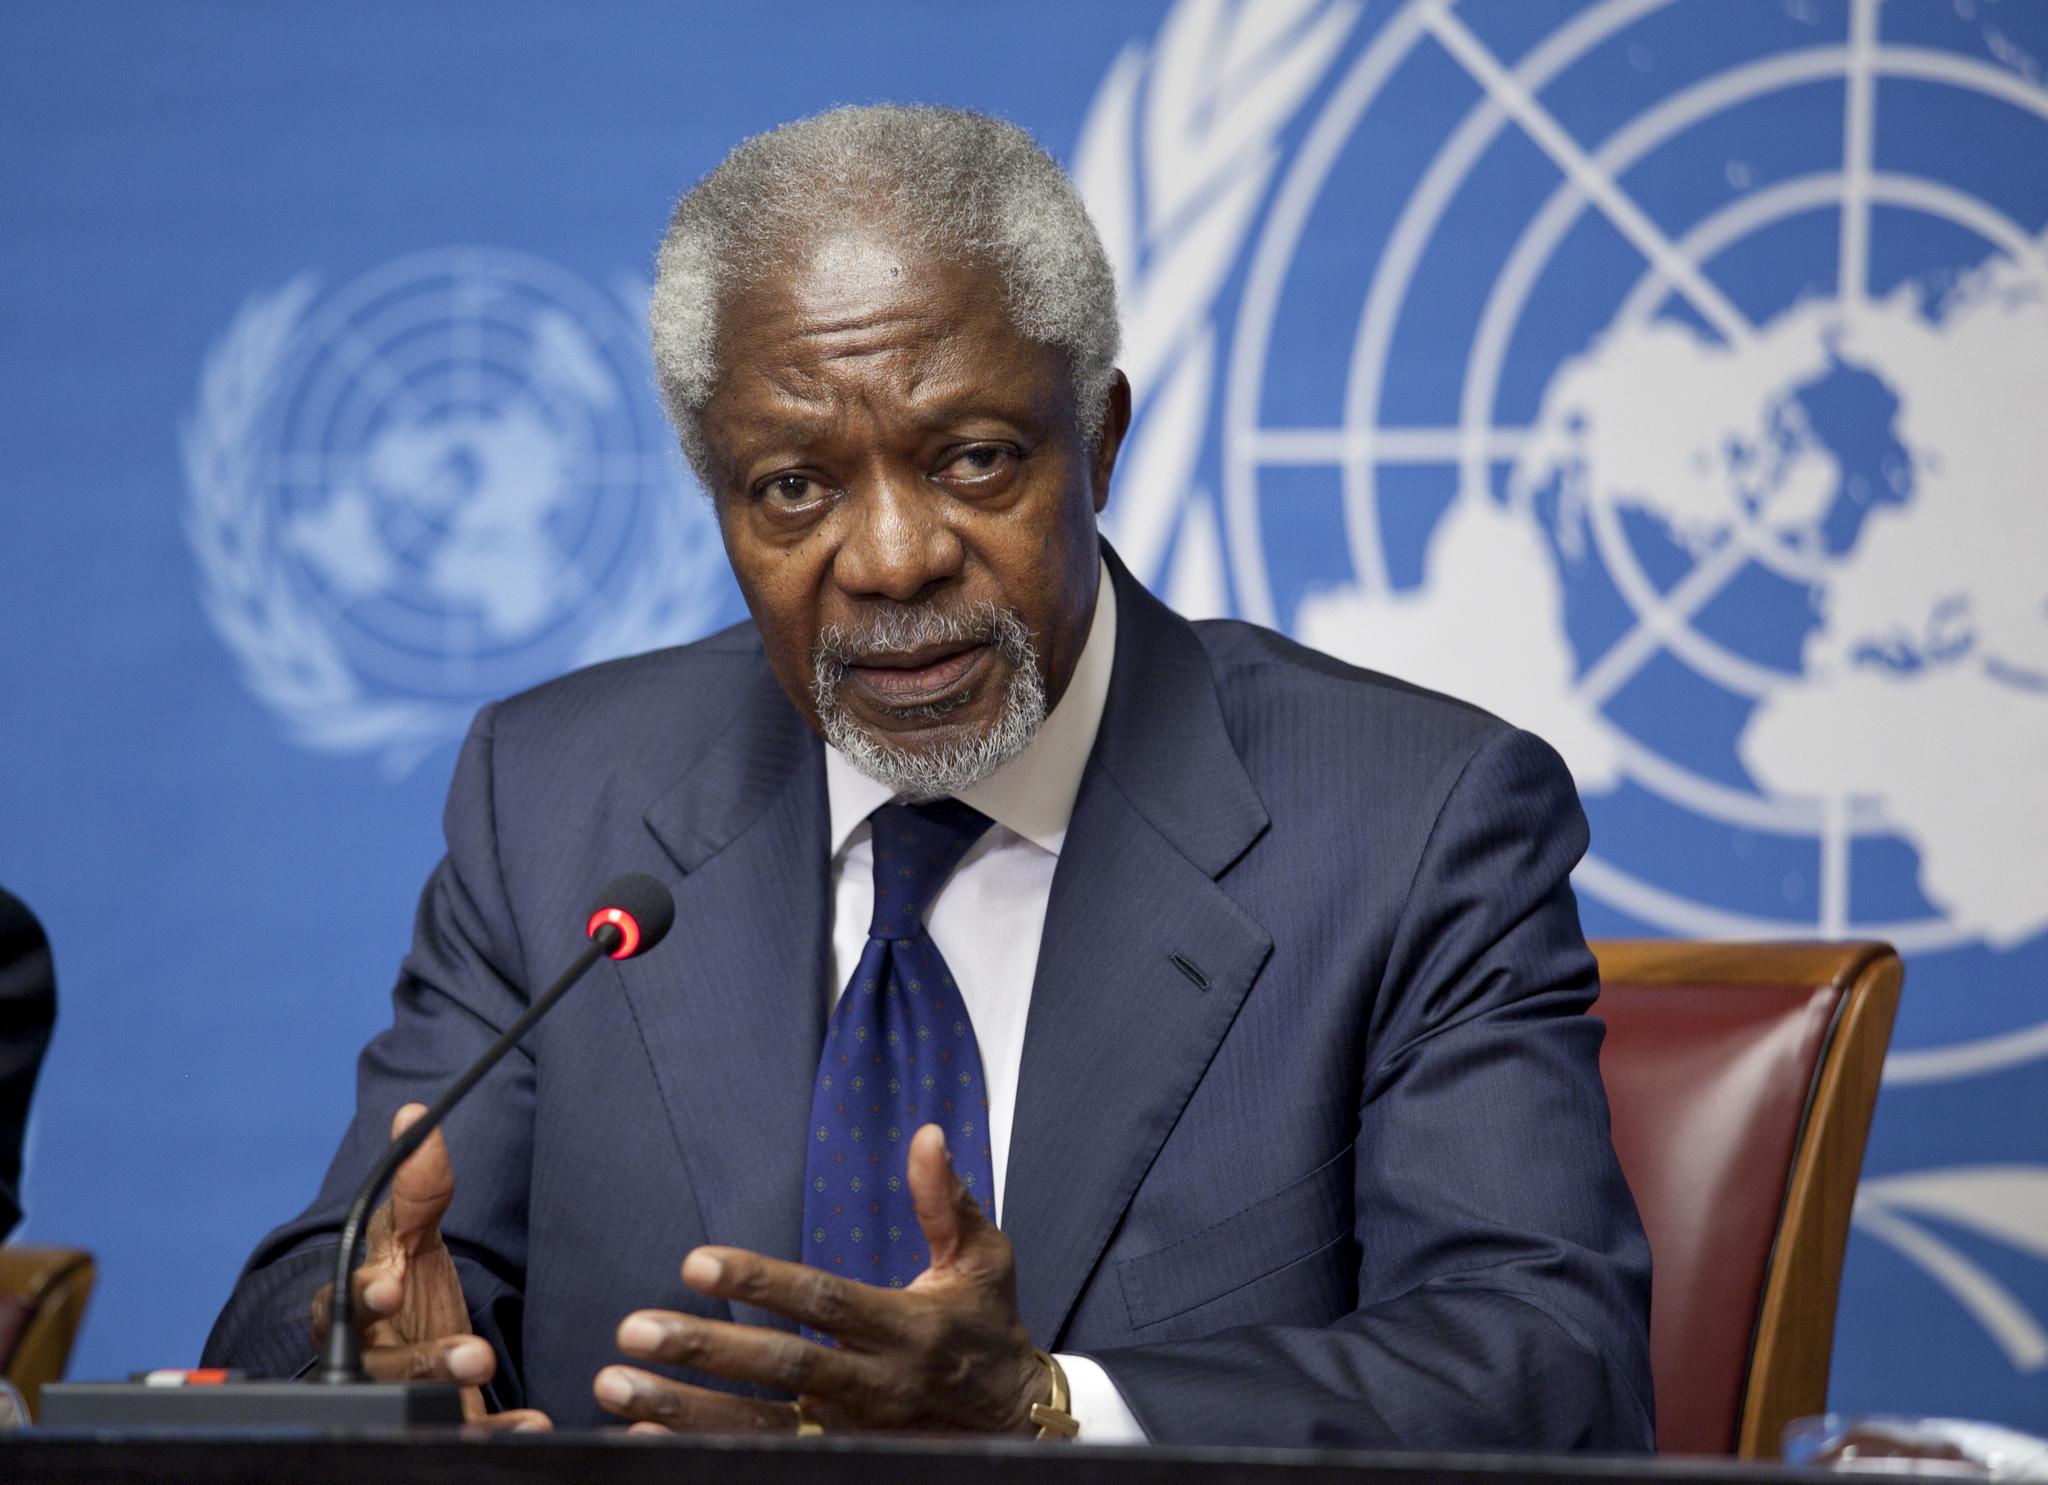 Kofi Annan, ancien Secrétaire général des Nations Unies et membre de la Commission (CC. United States Mission Geneva)